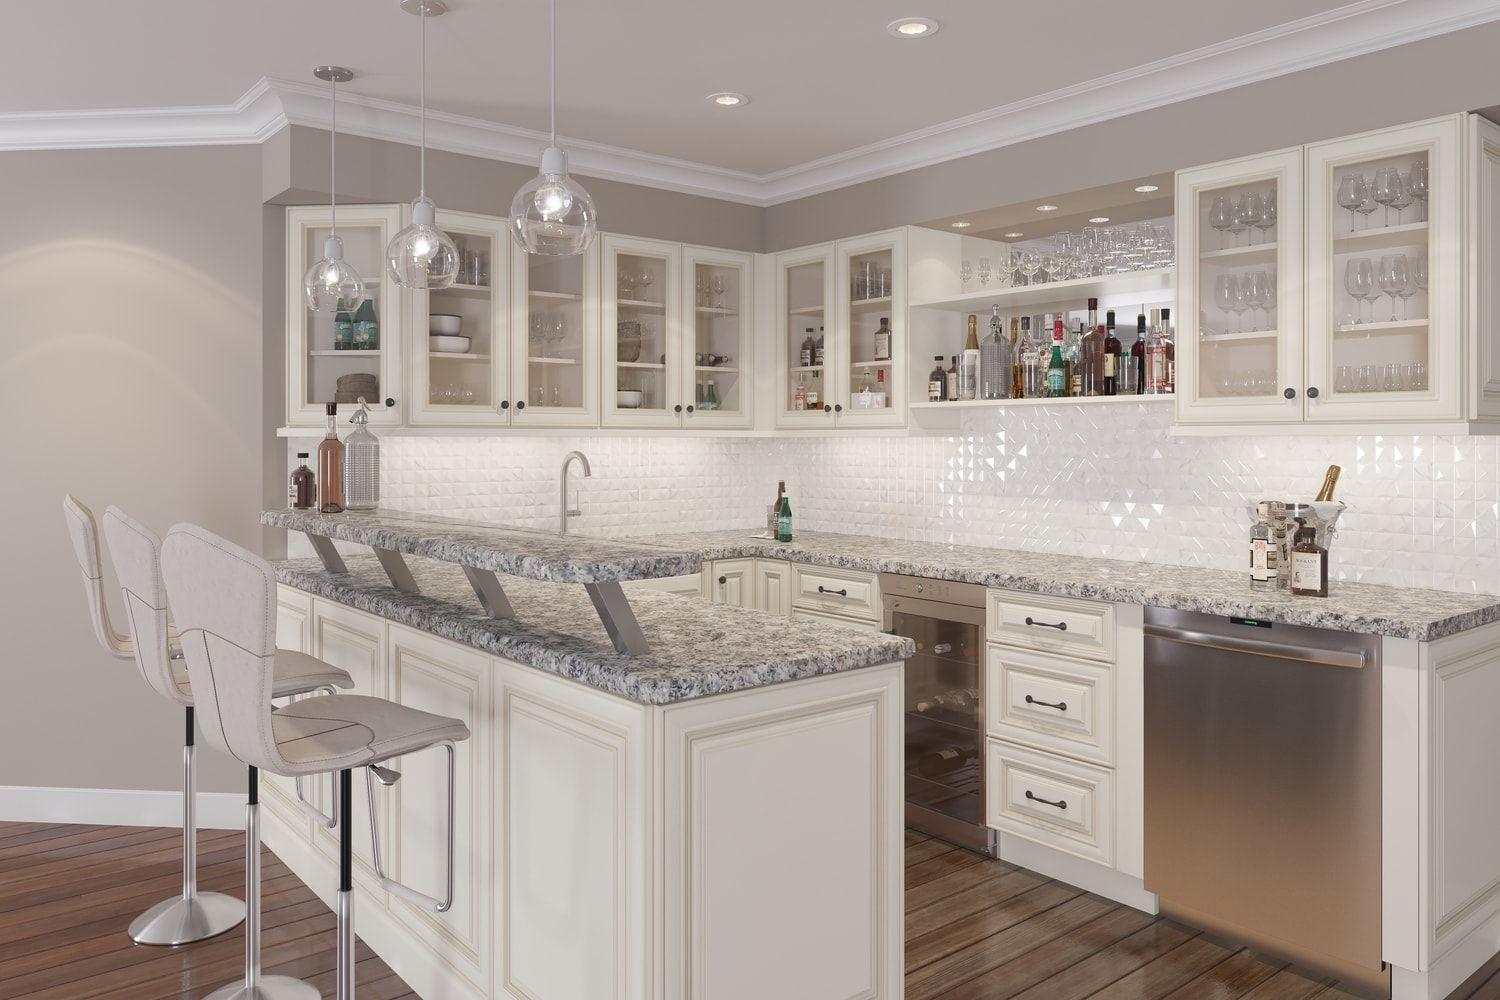 Cambridge Antique White Glaze Ready To Assemble Kitchen Cabinets Kitchen Cabinets Rta Kitchen Cabinets Assembled Kitchen Cabinets Kitchen Cabinets